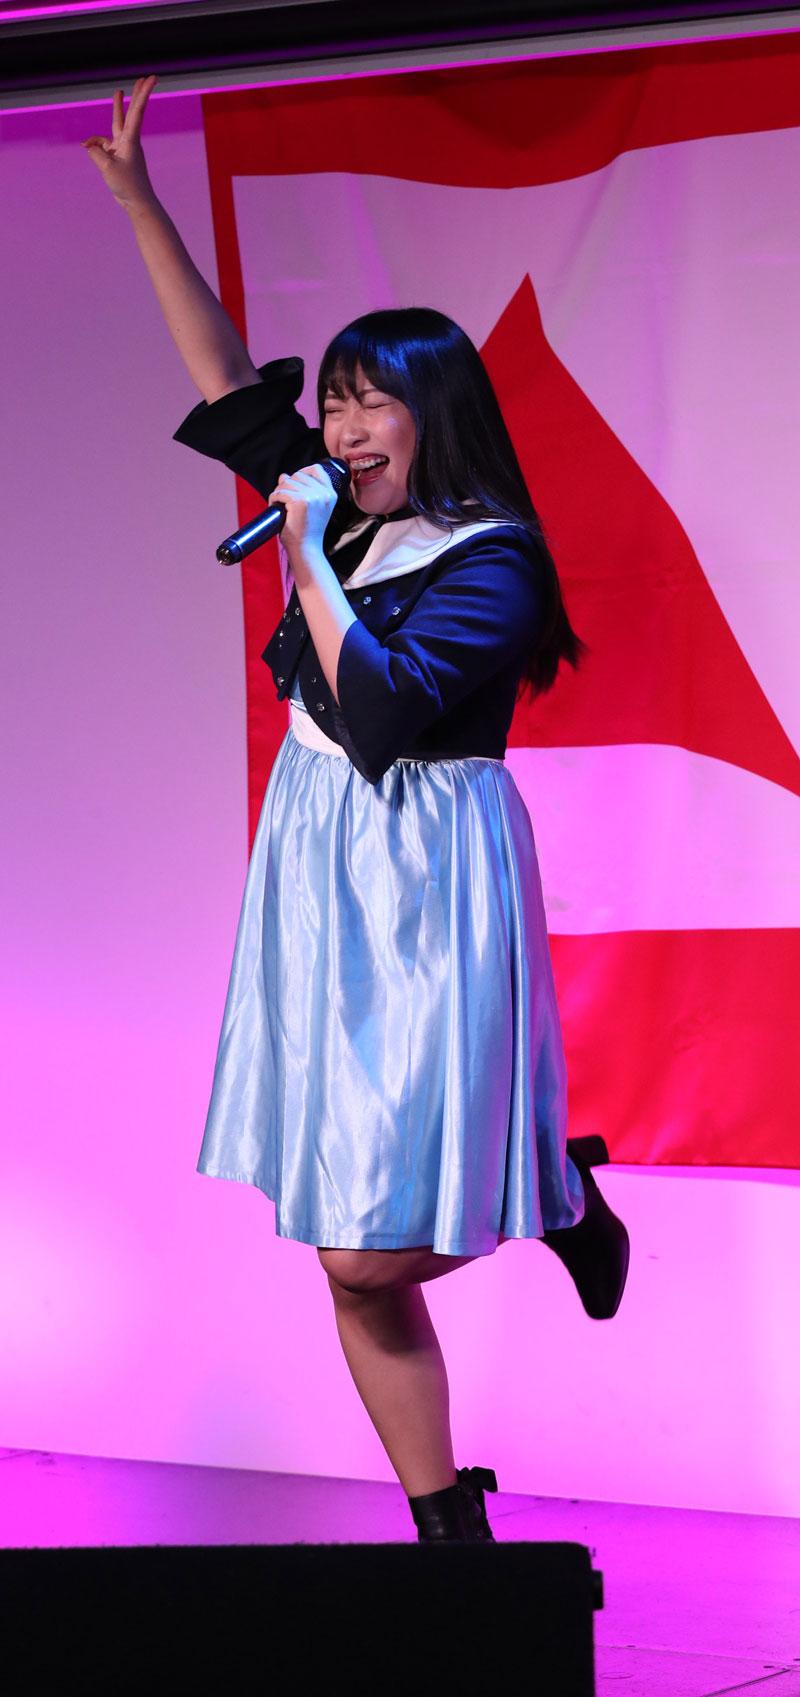 Images : 19番目の画像 - 「ミライスカート/東京アイドル劇場での定期公演を来年3月まで延長!! 4月には新宿でバンド編成のライブも」のアルバム - Stereo Sound ONLINE